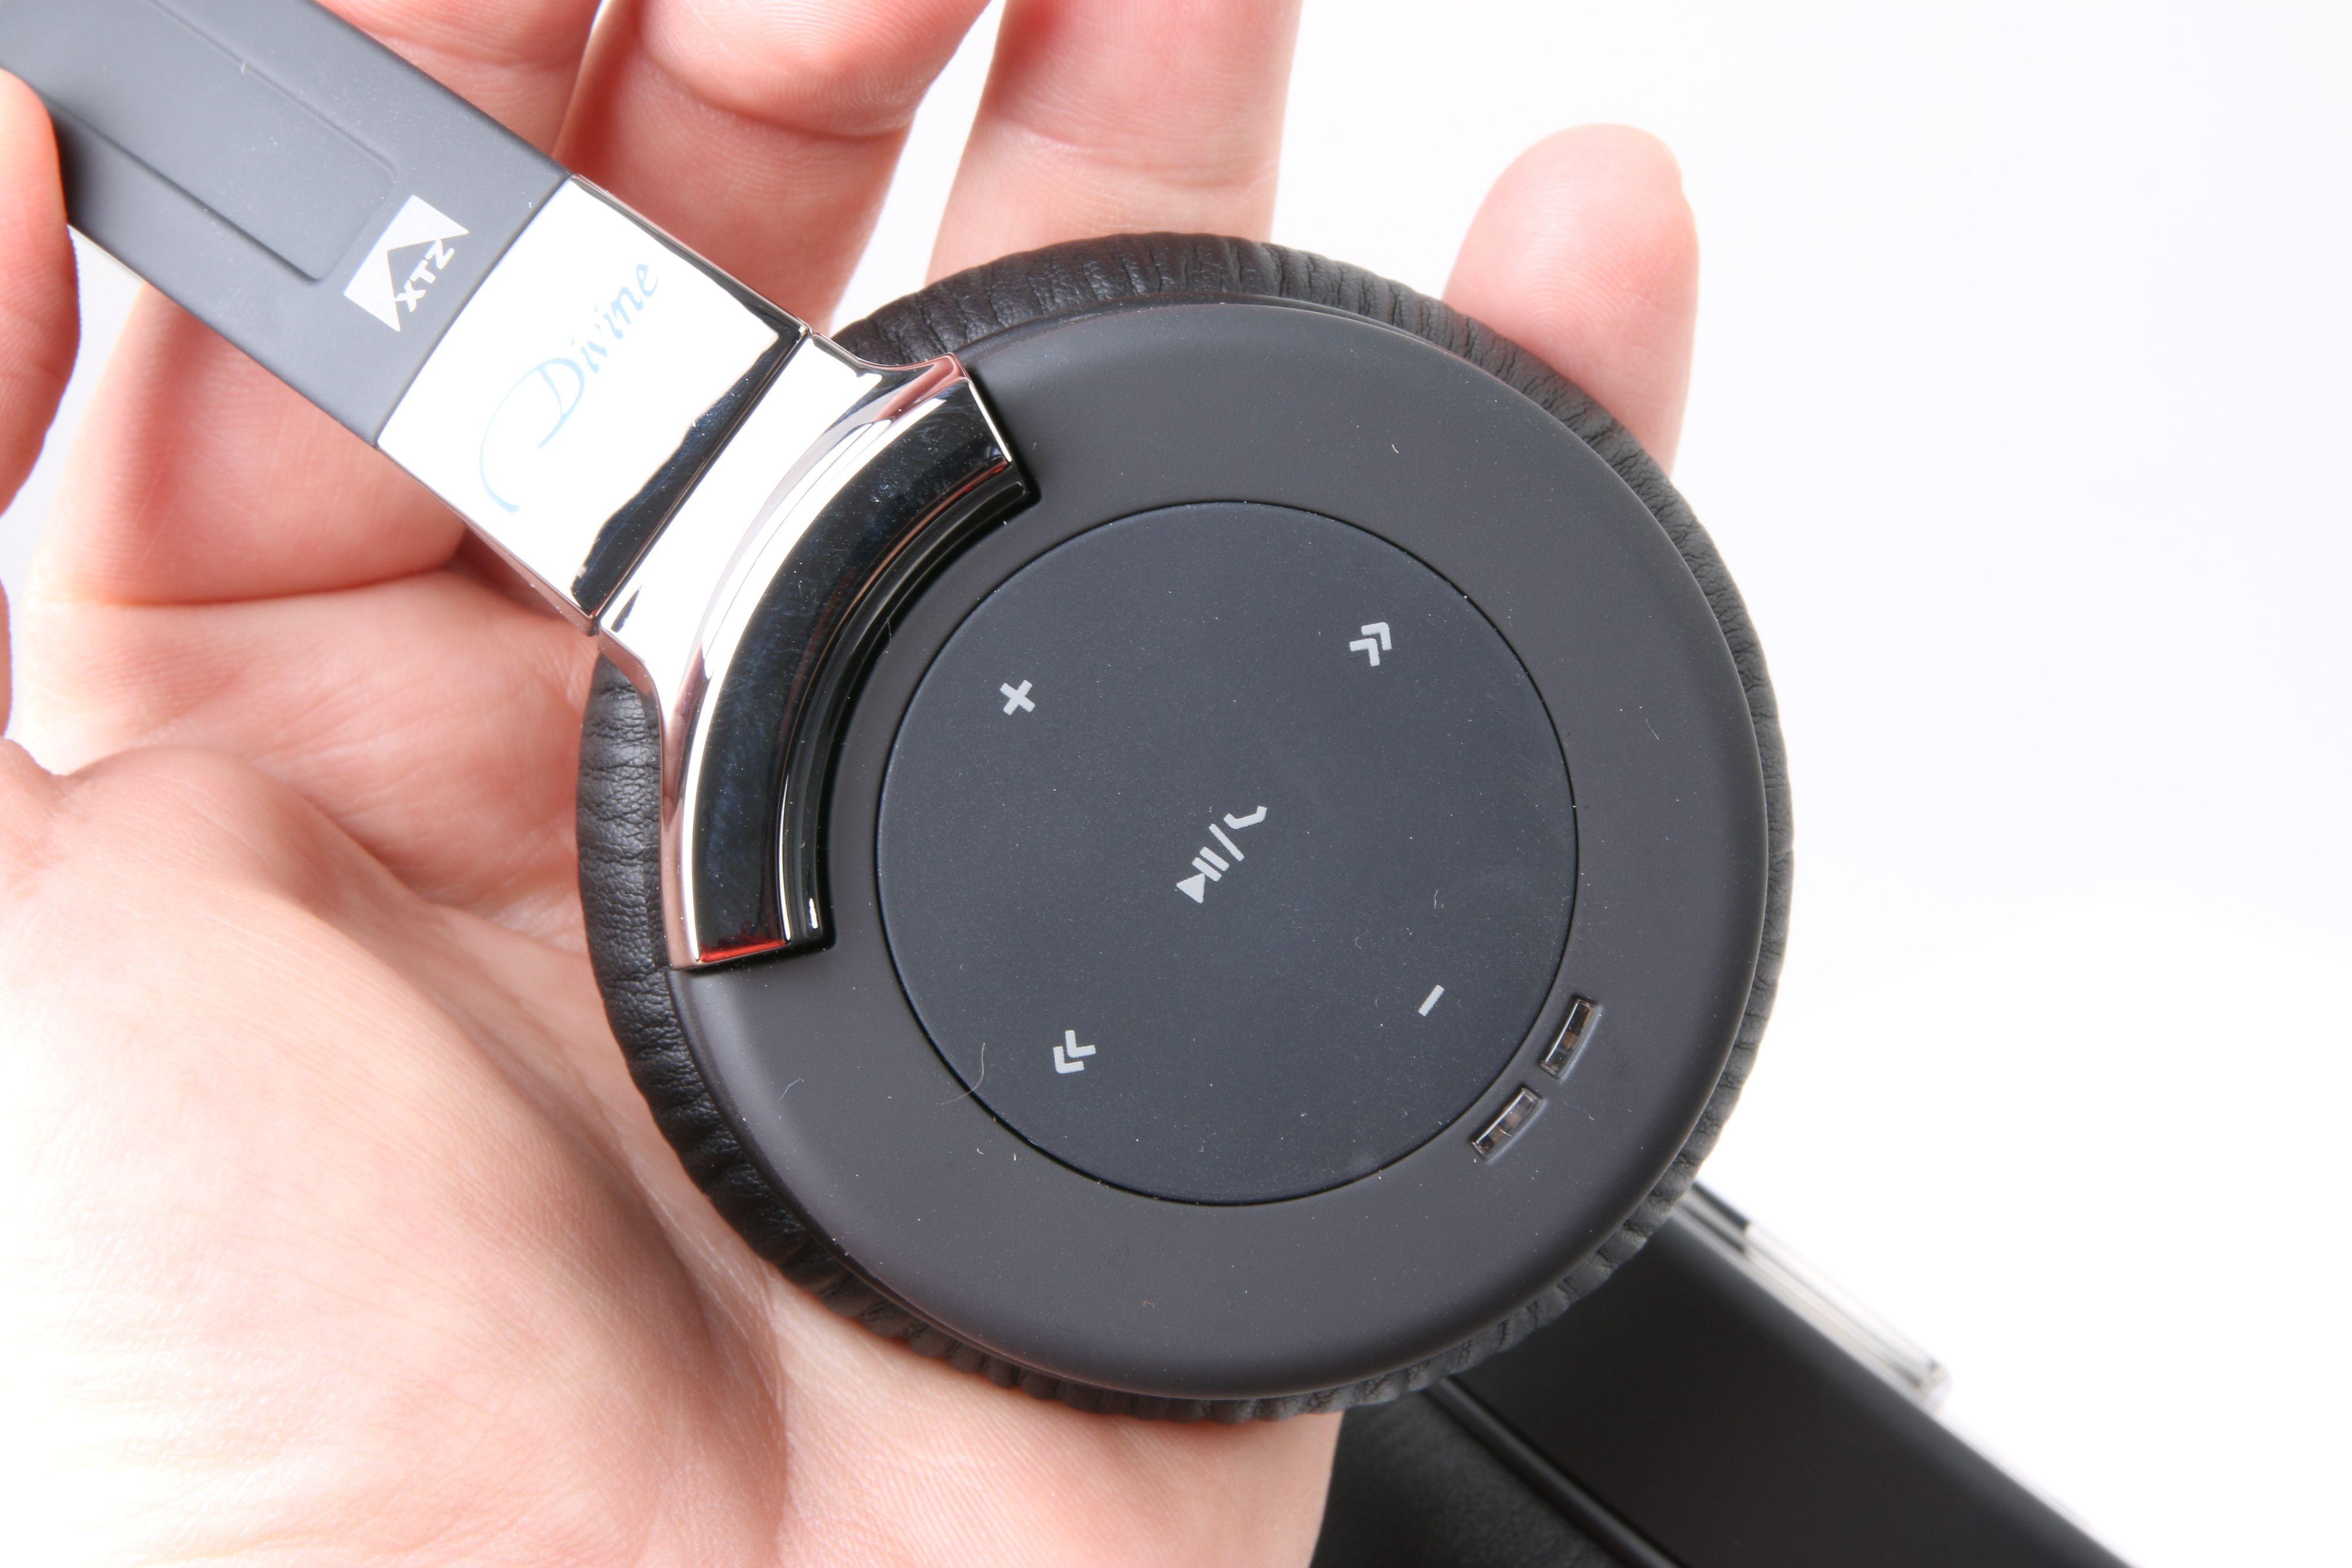 Den høyre klokken innehar det meste av knapper og funksjoner. Foto: Ole Henrik Johansen / Tek.no